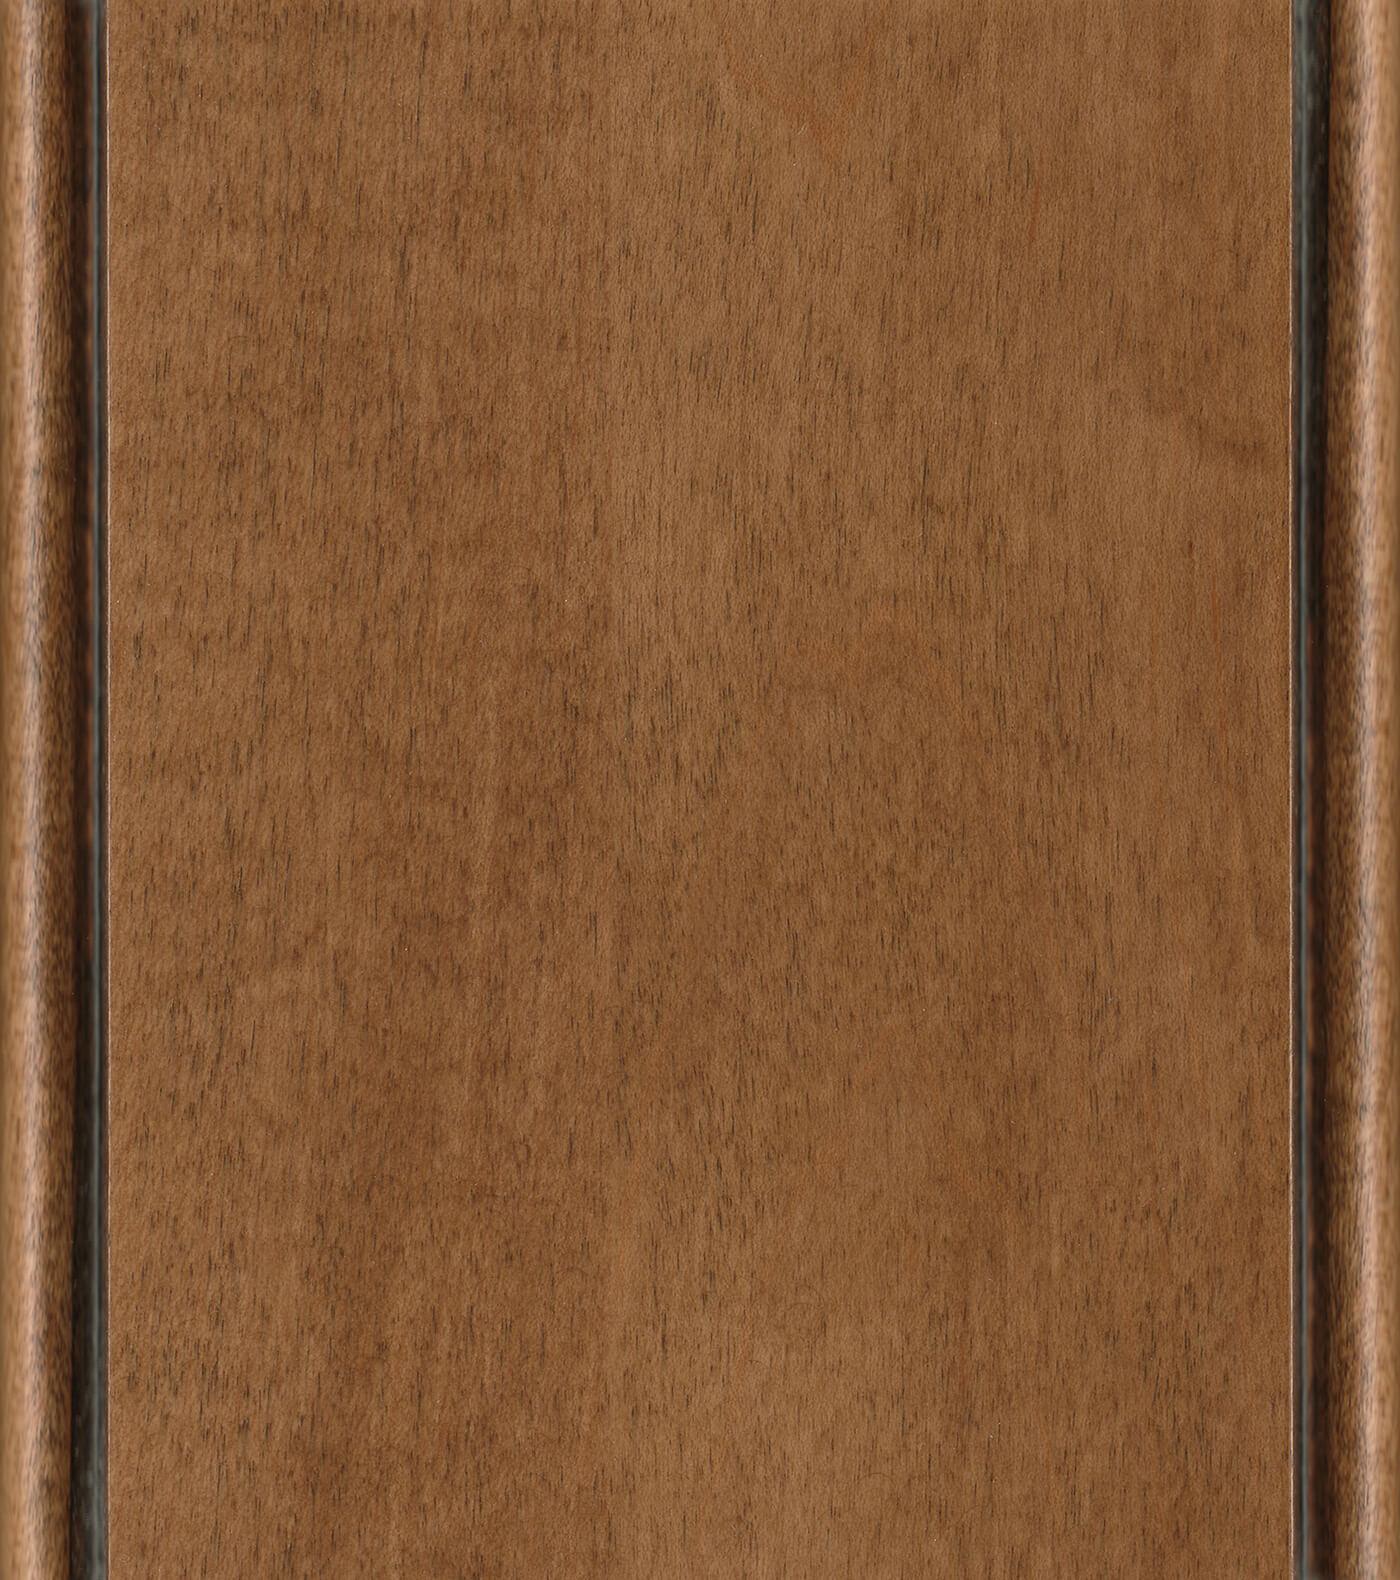 Toast / Coffee Glaze Stain/Glaze on Maple